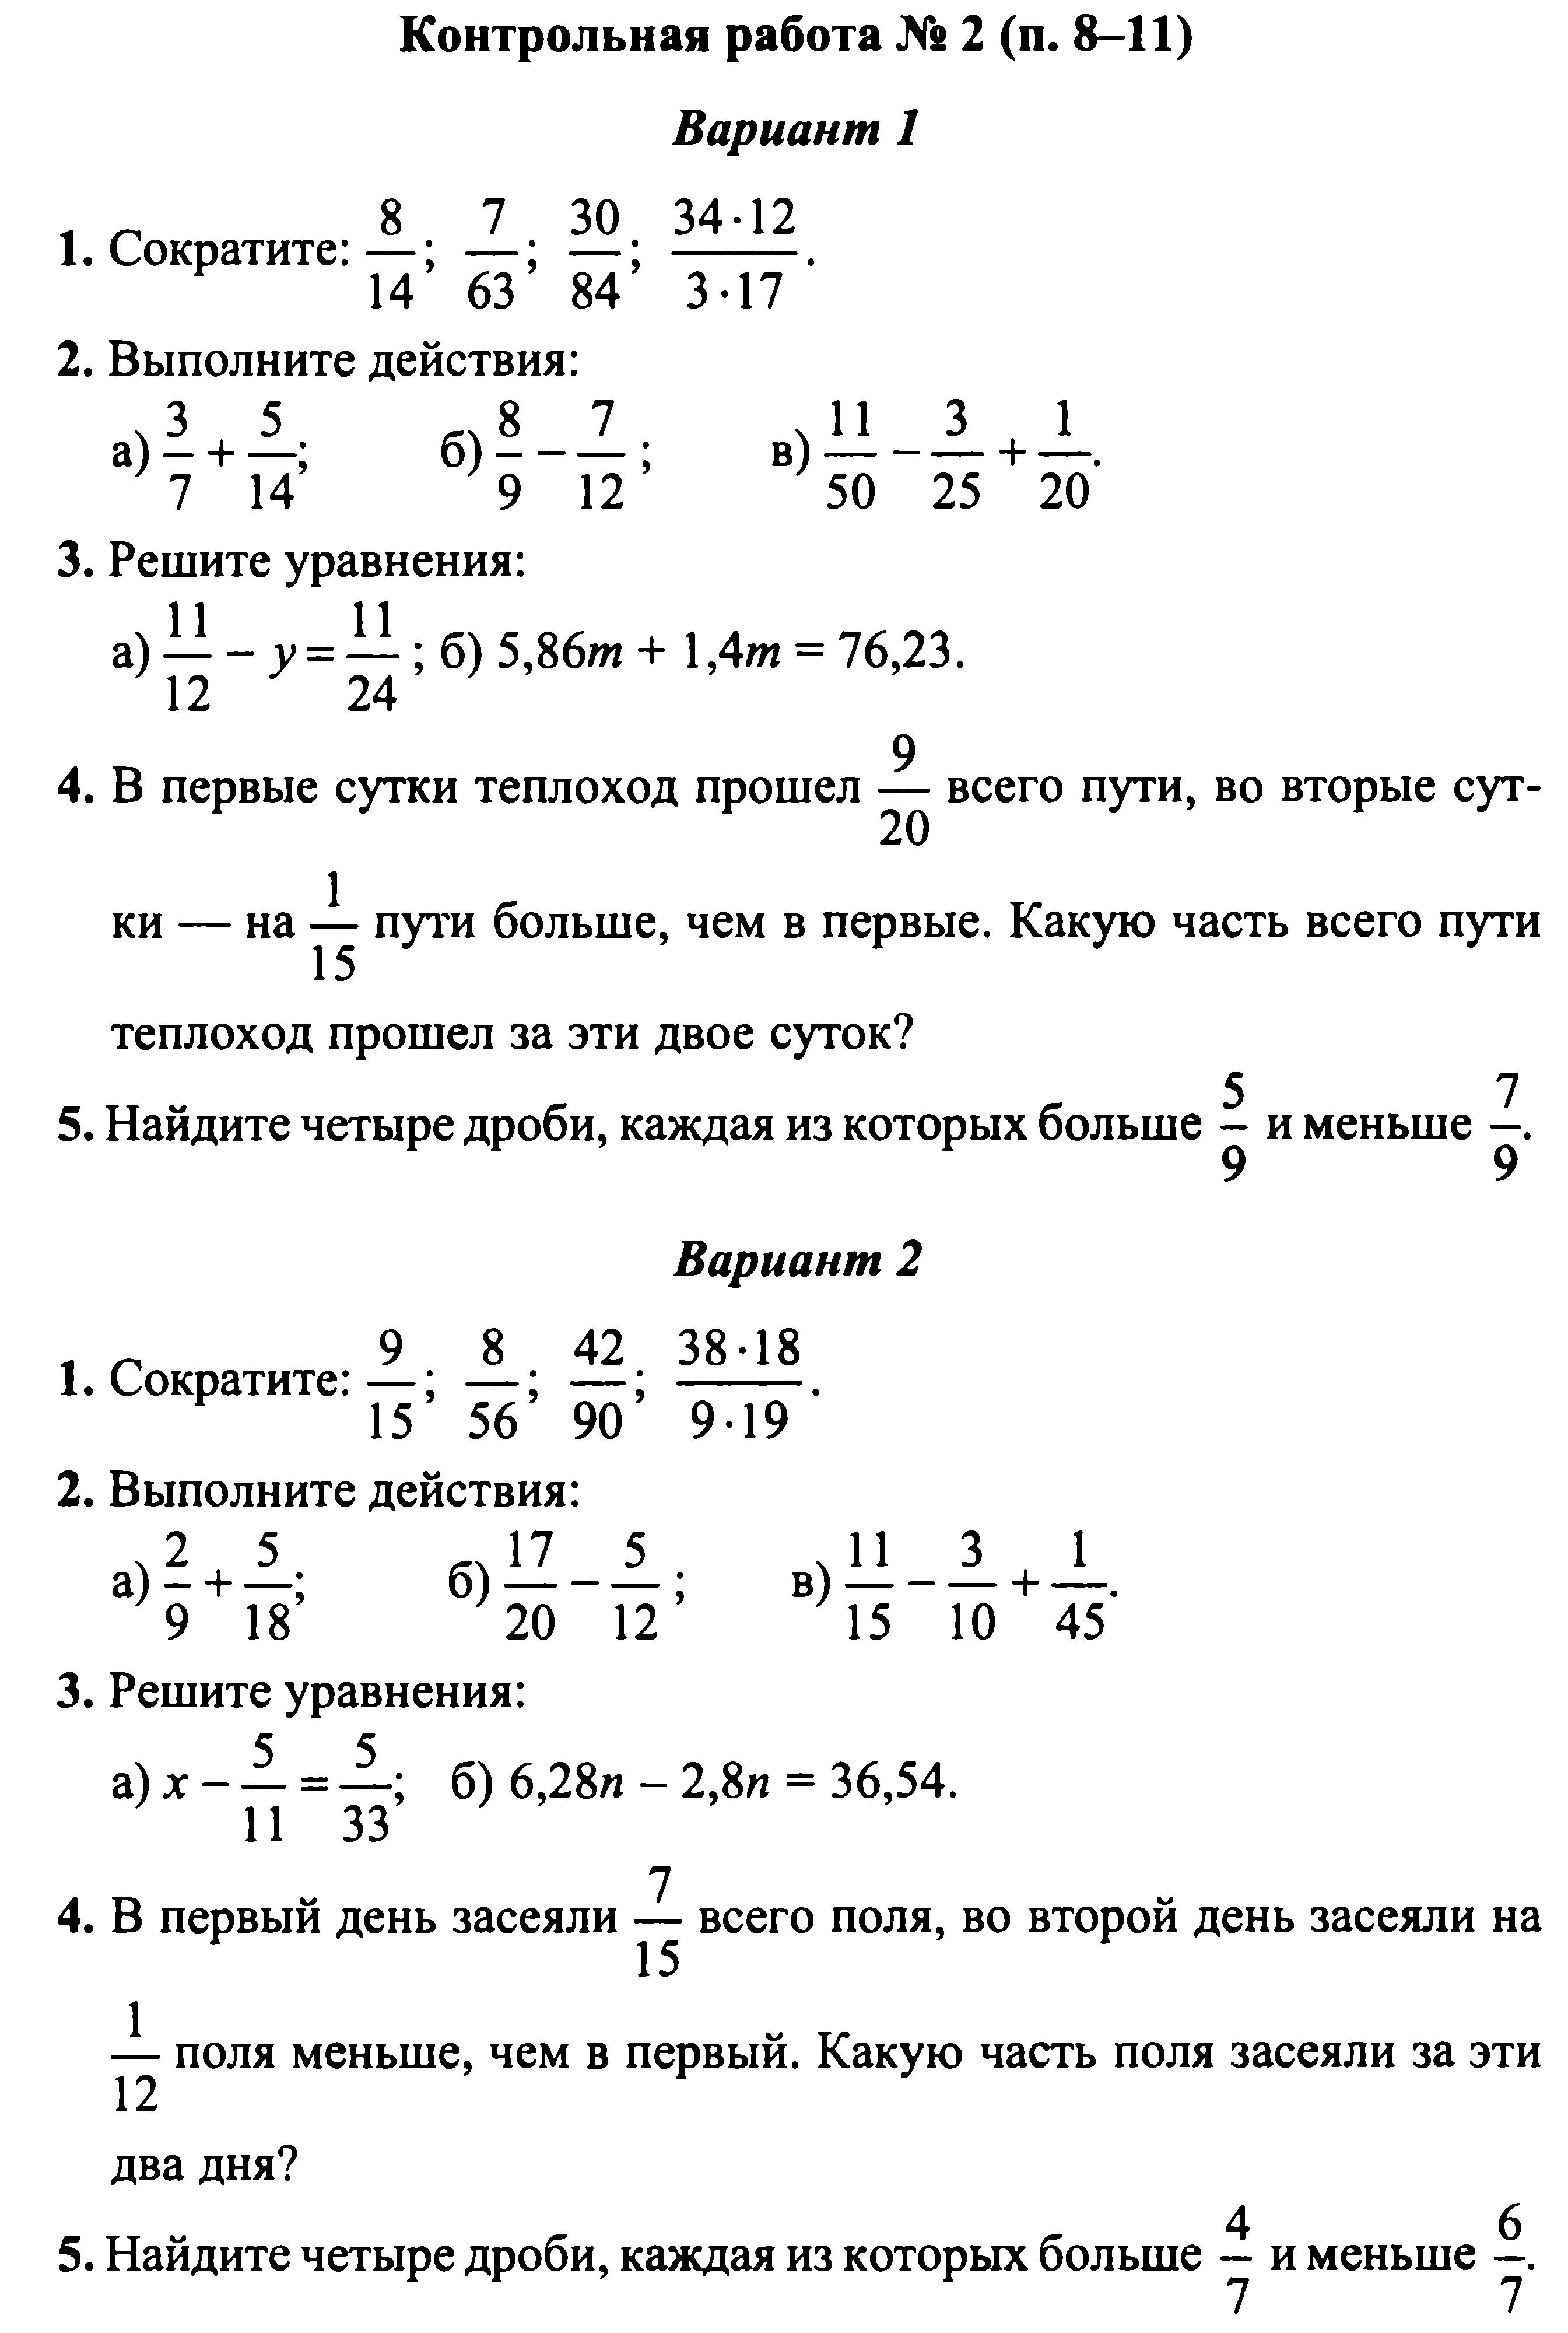 гдз по геометрии контрольная работа дробные выражения